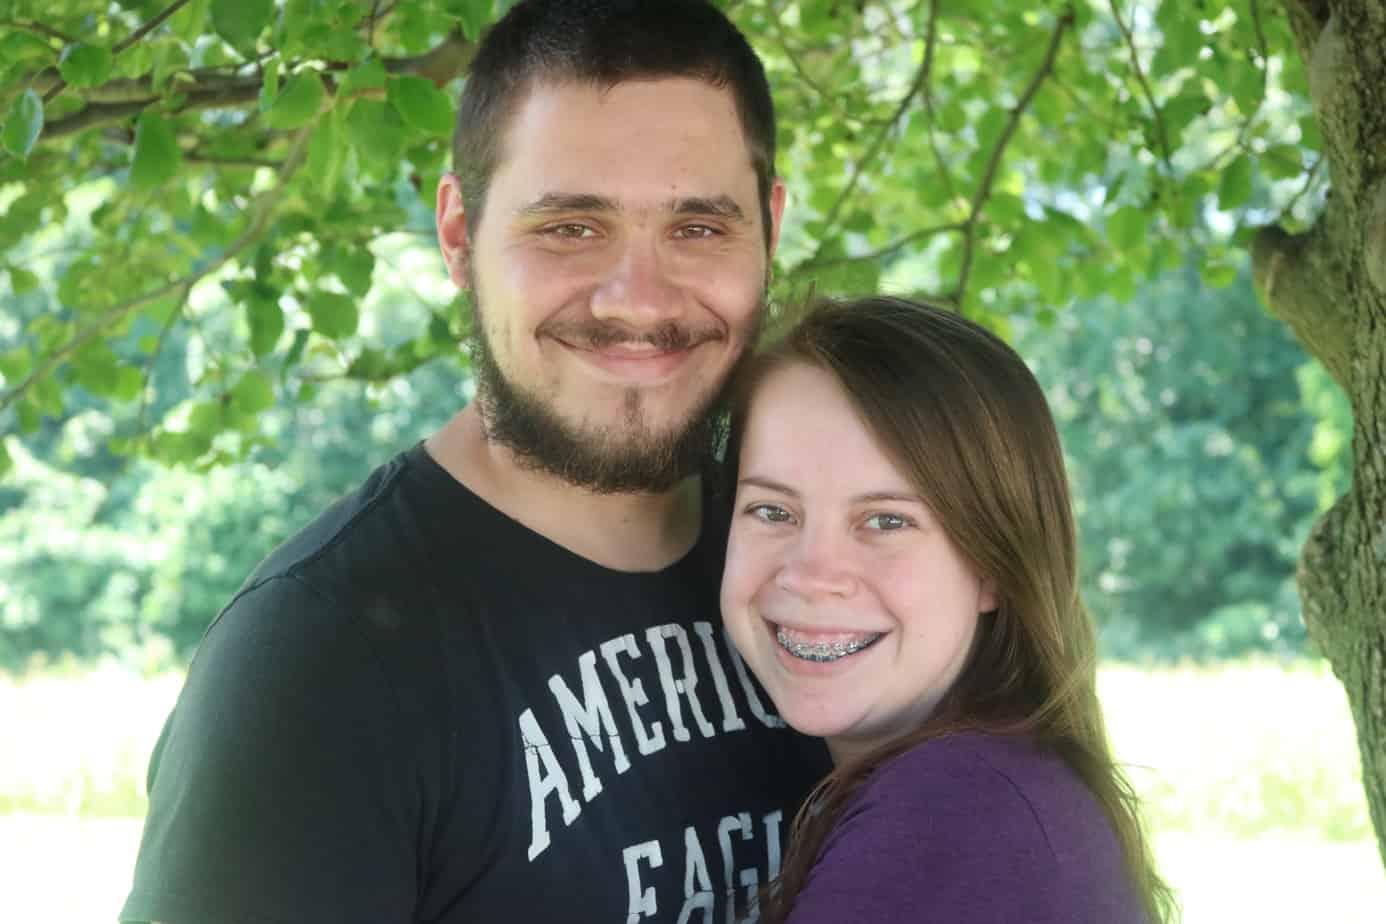 Sarah and Ethan